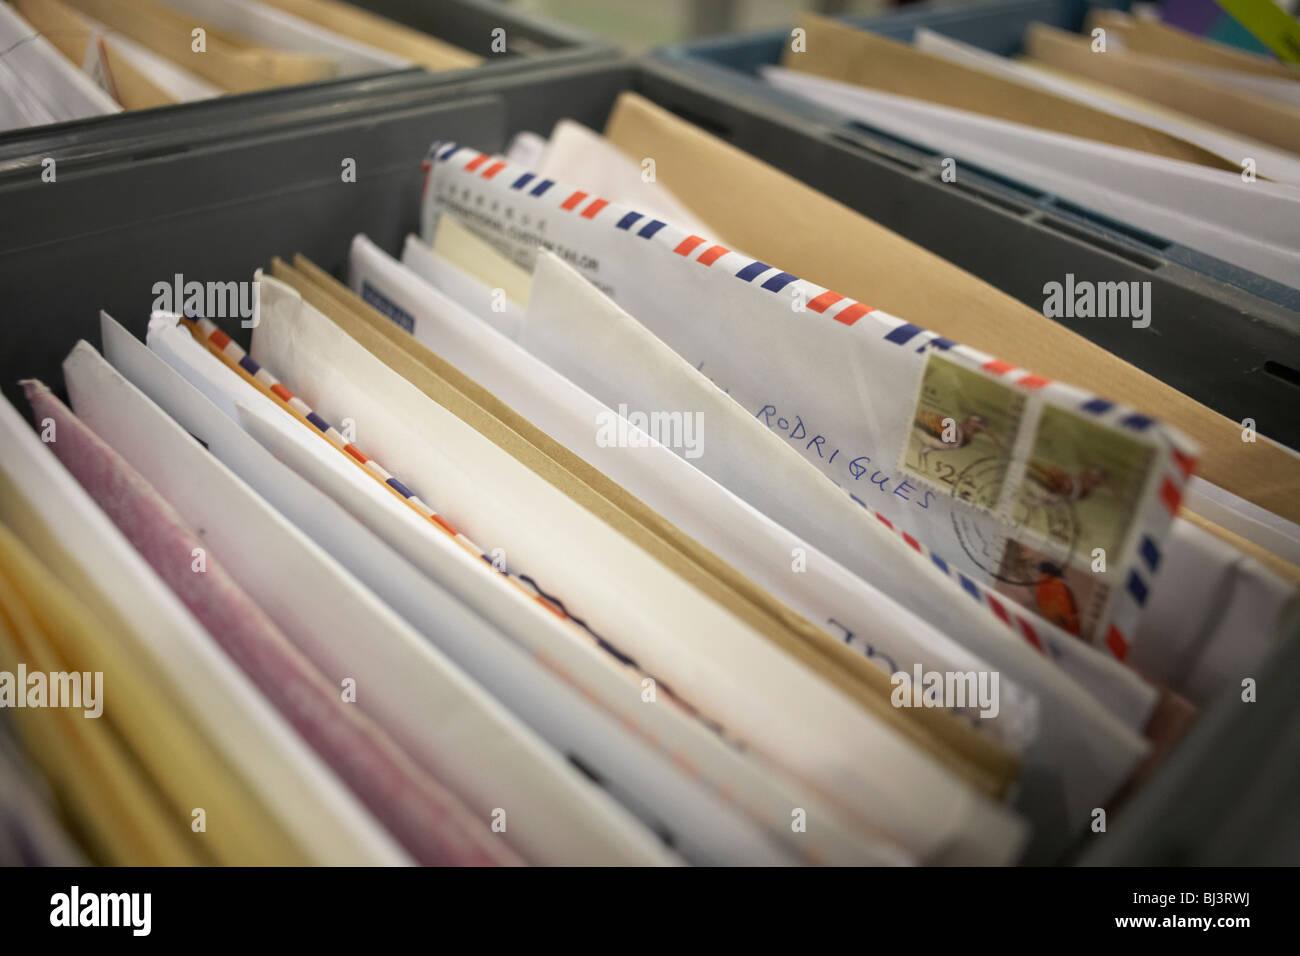 Ordena las cartas están agrupadas en un cajón en el Royal Mail Gigante del almacén en el parque logístico DIRFT Foto de stock